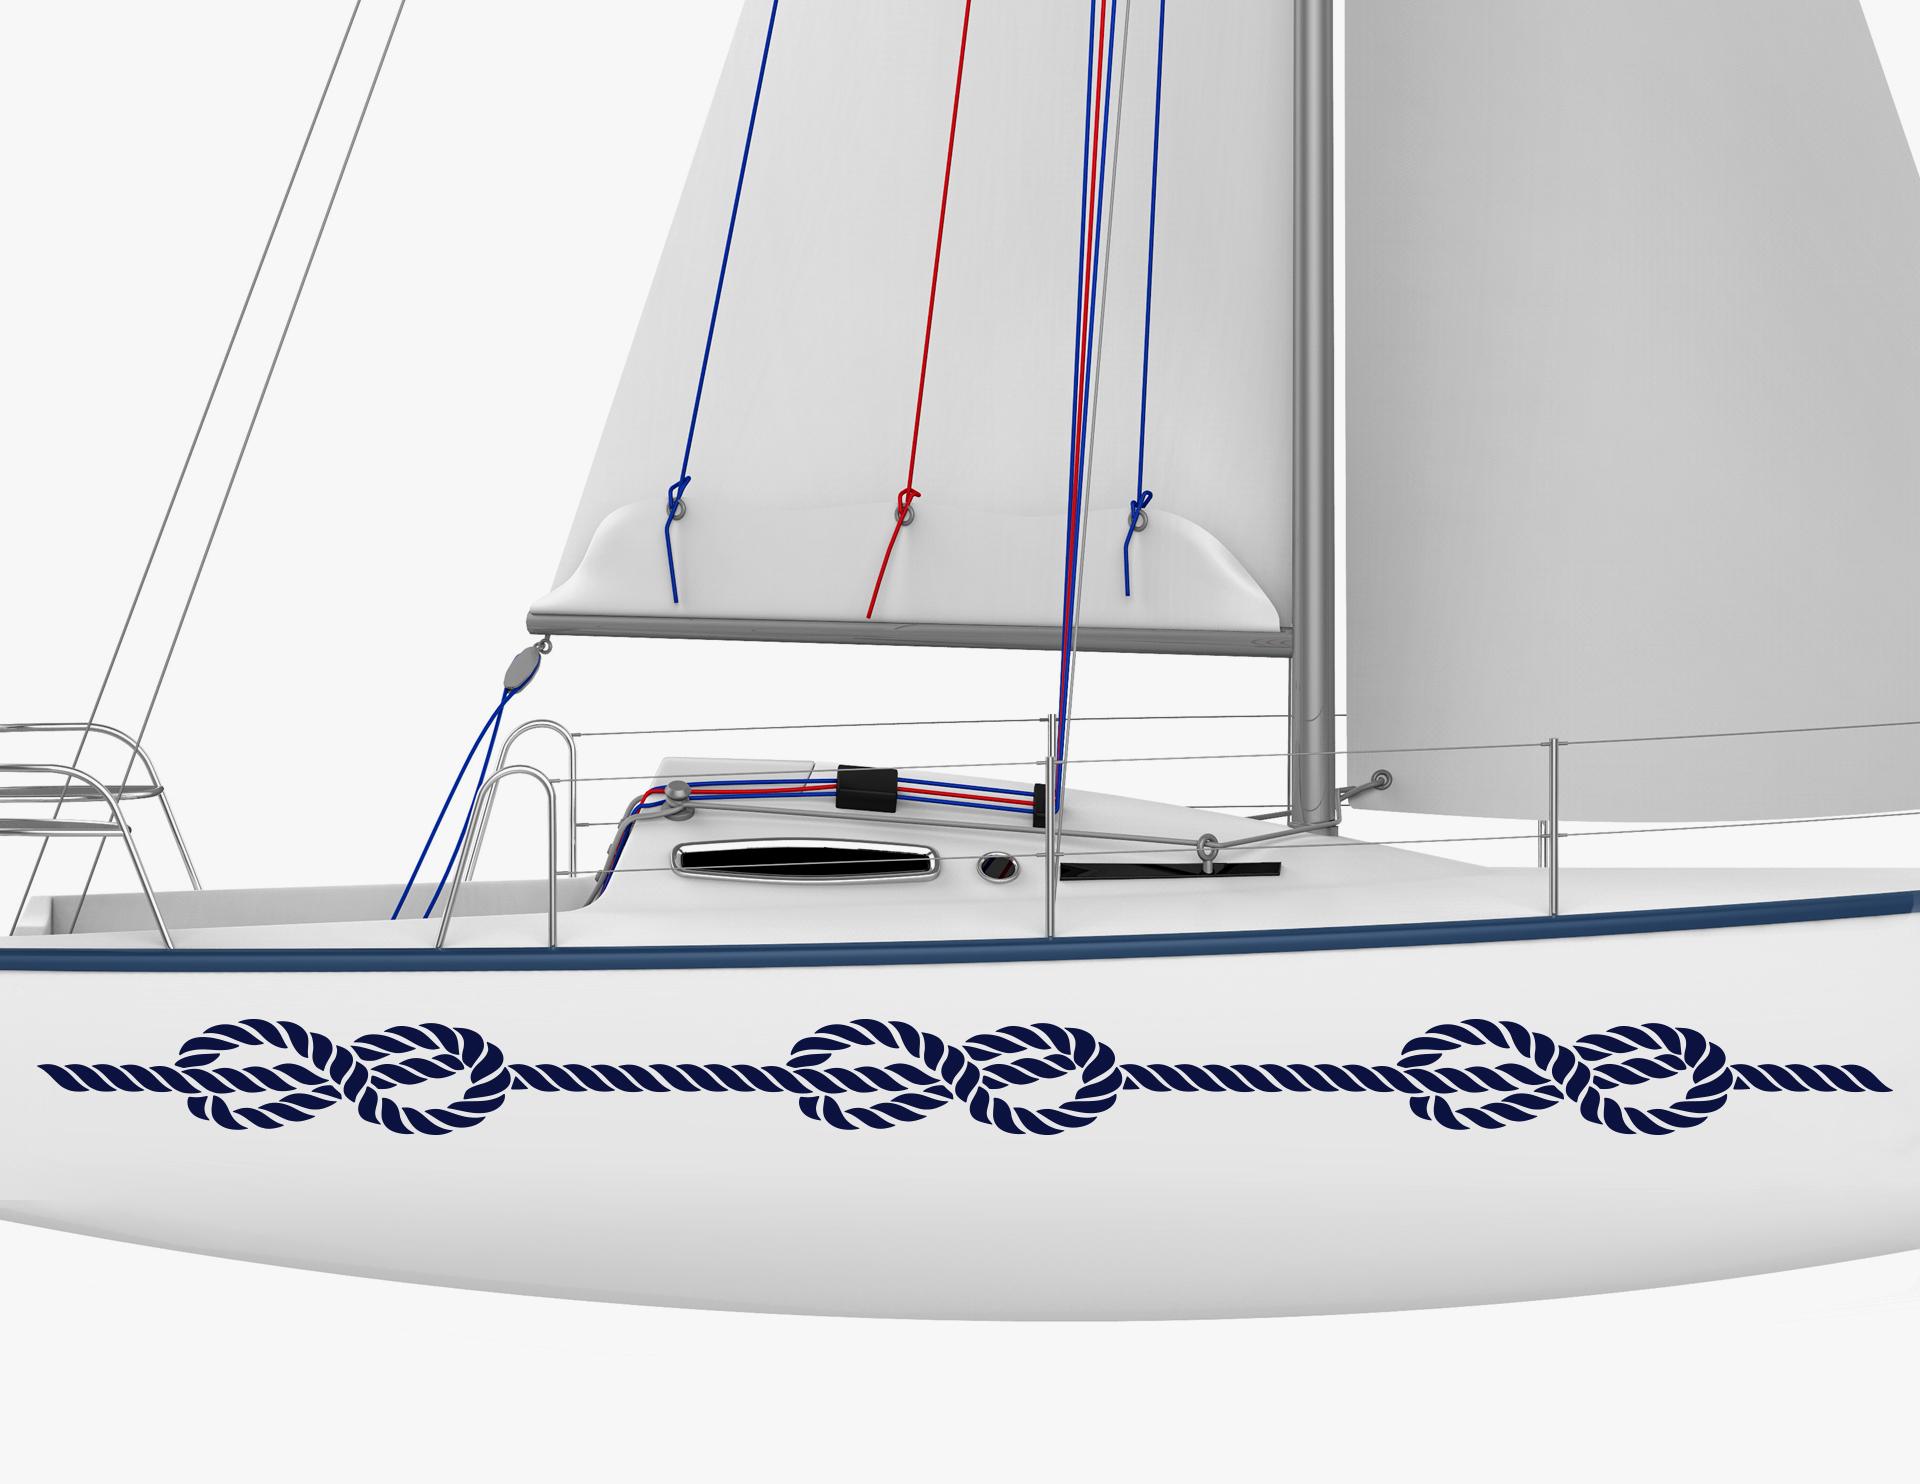 Bootsaufkleber achterknoten set for Bootsaufkleber design